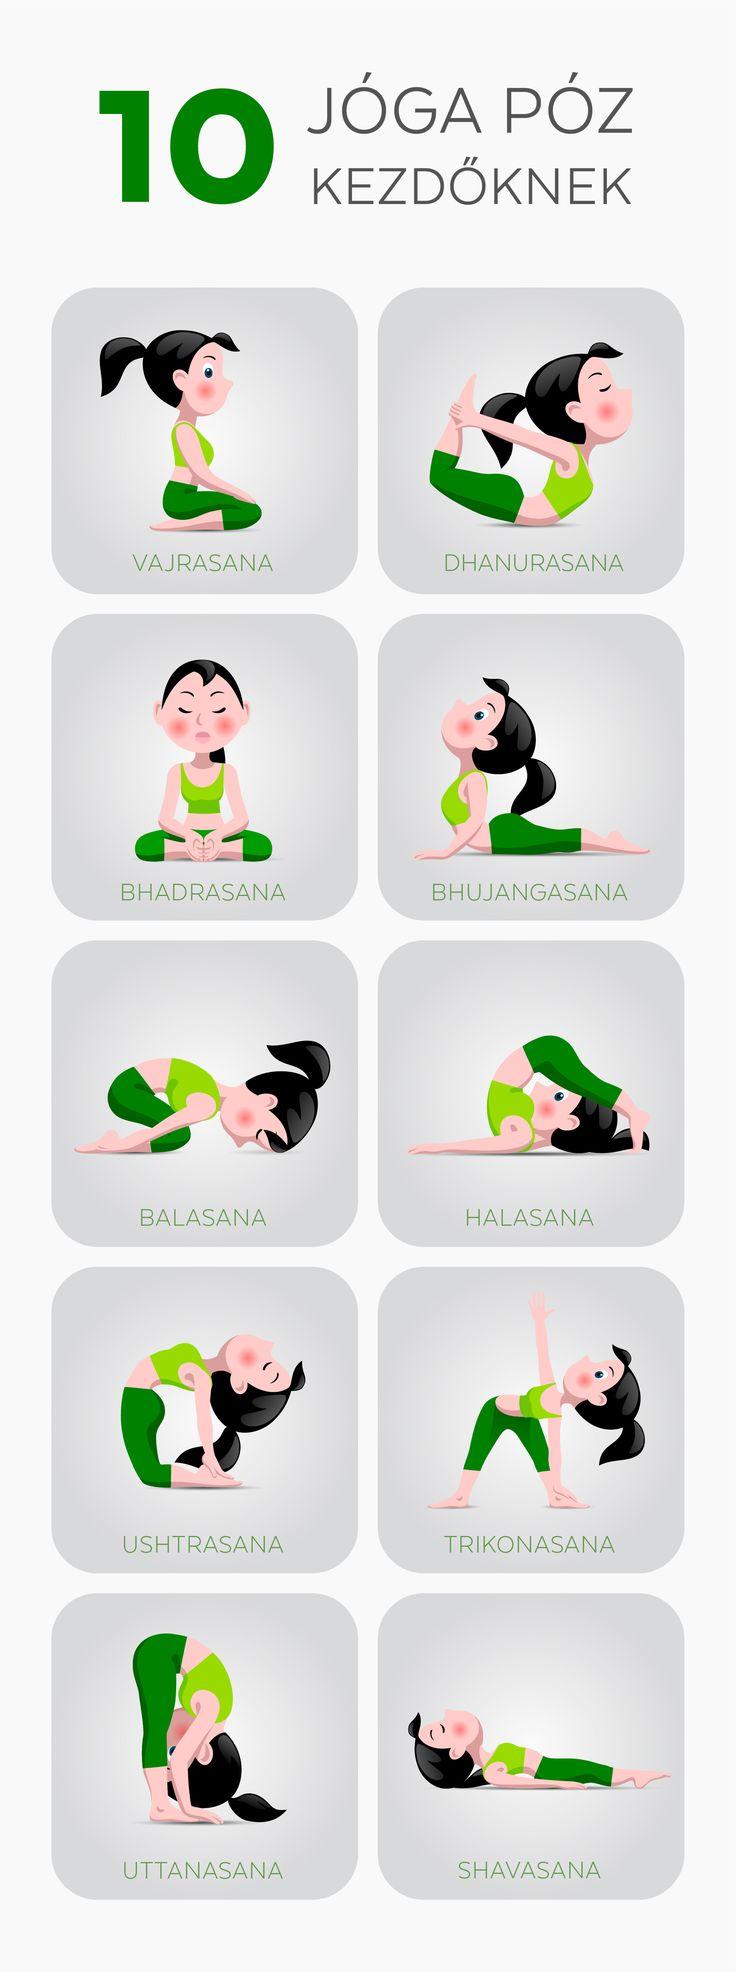 10 jóga póz kezdőknek!